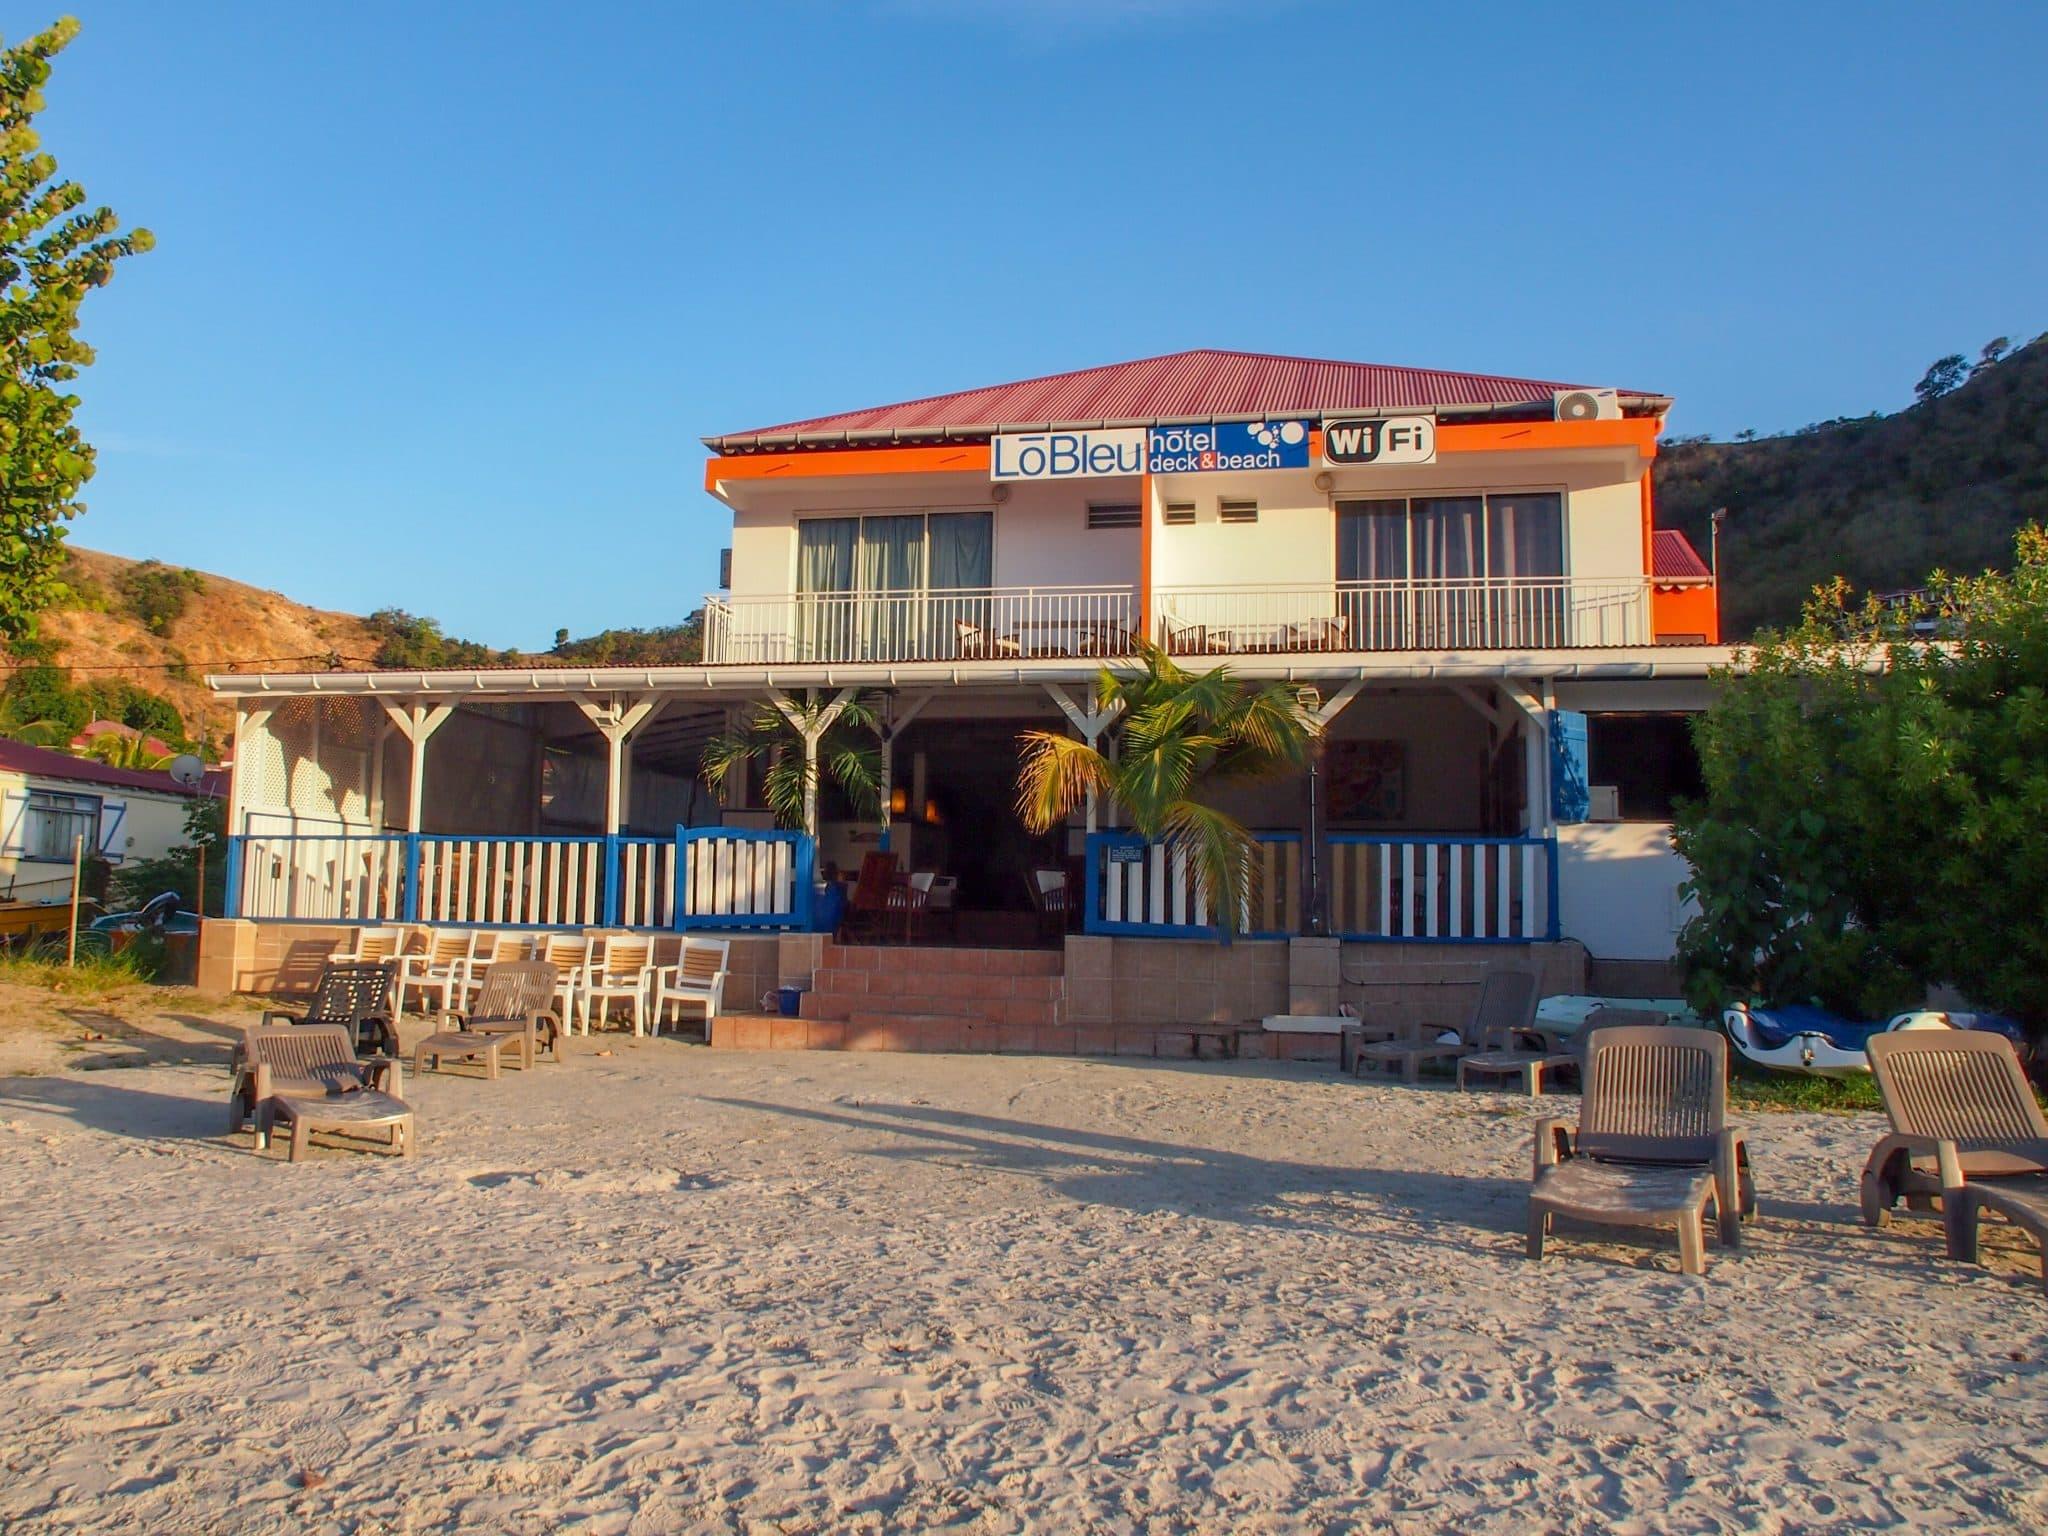 Checking Into Hotel LoBleu in Terre-de-Haut, Guadeloupe